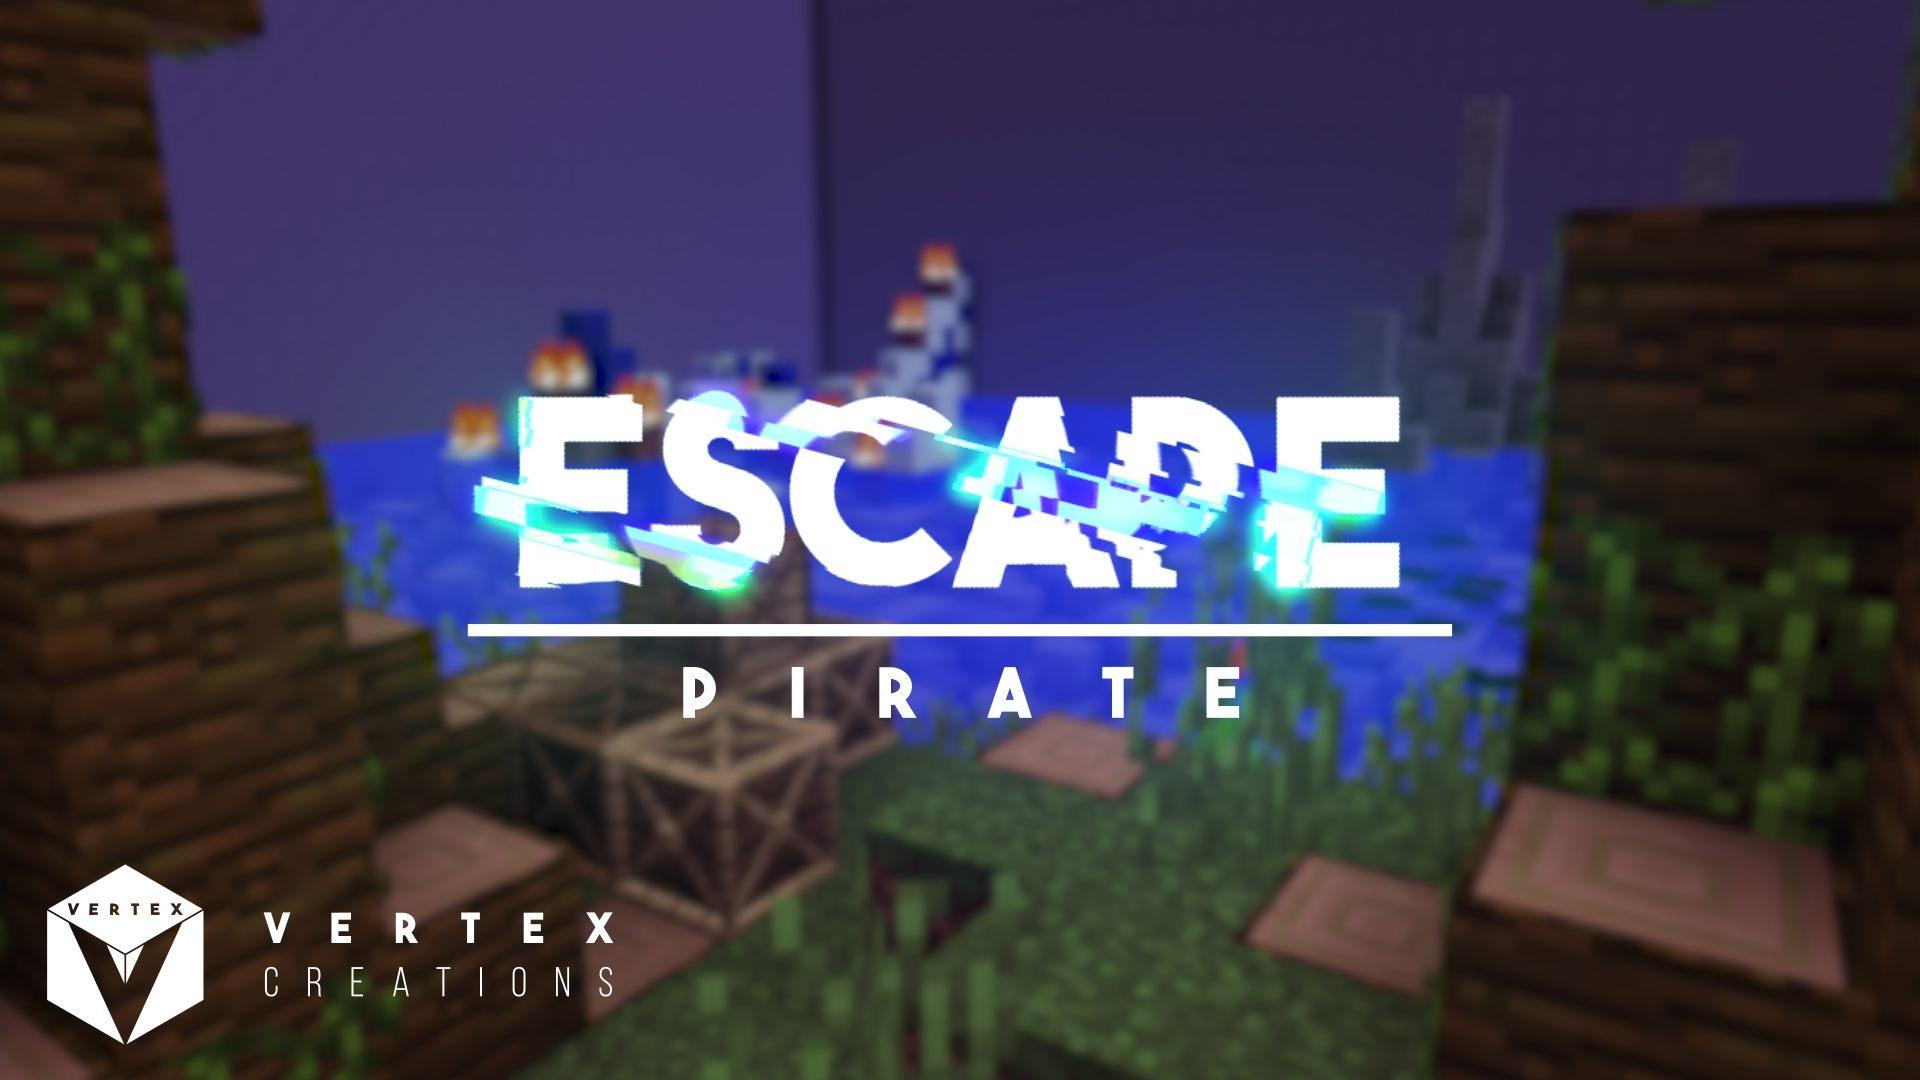 Escape: Pirate